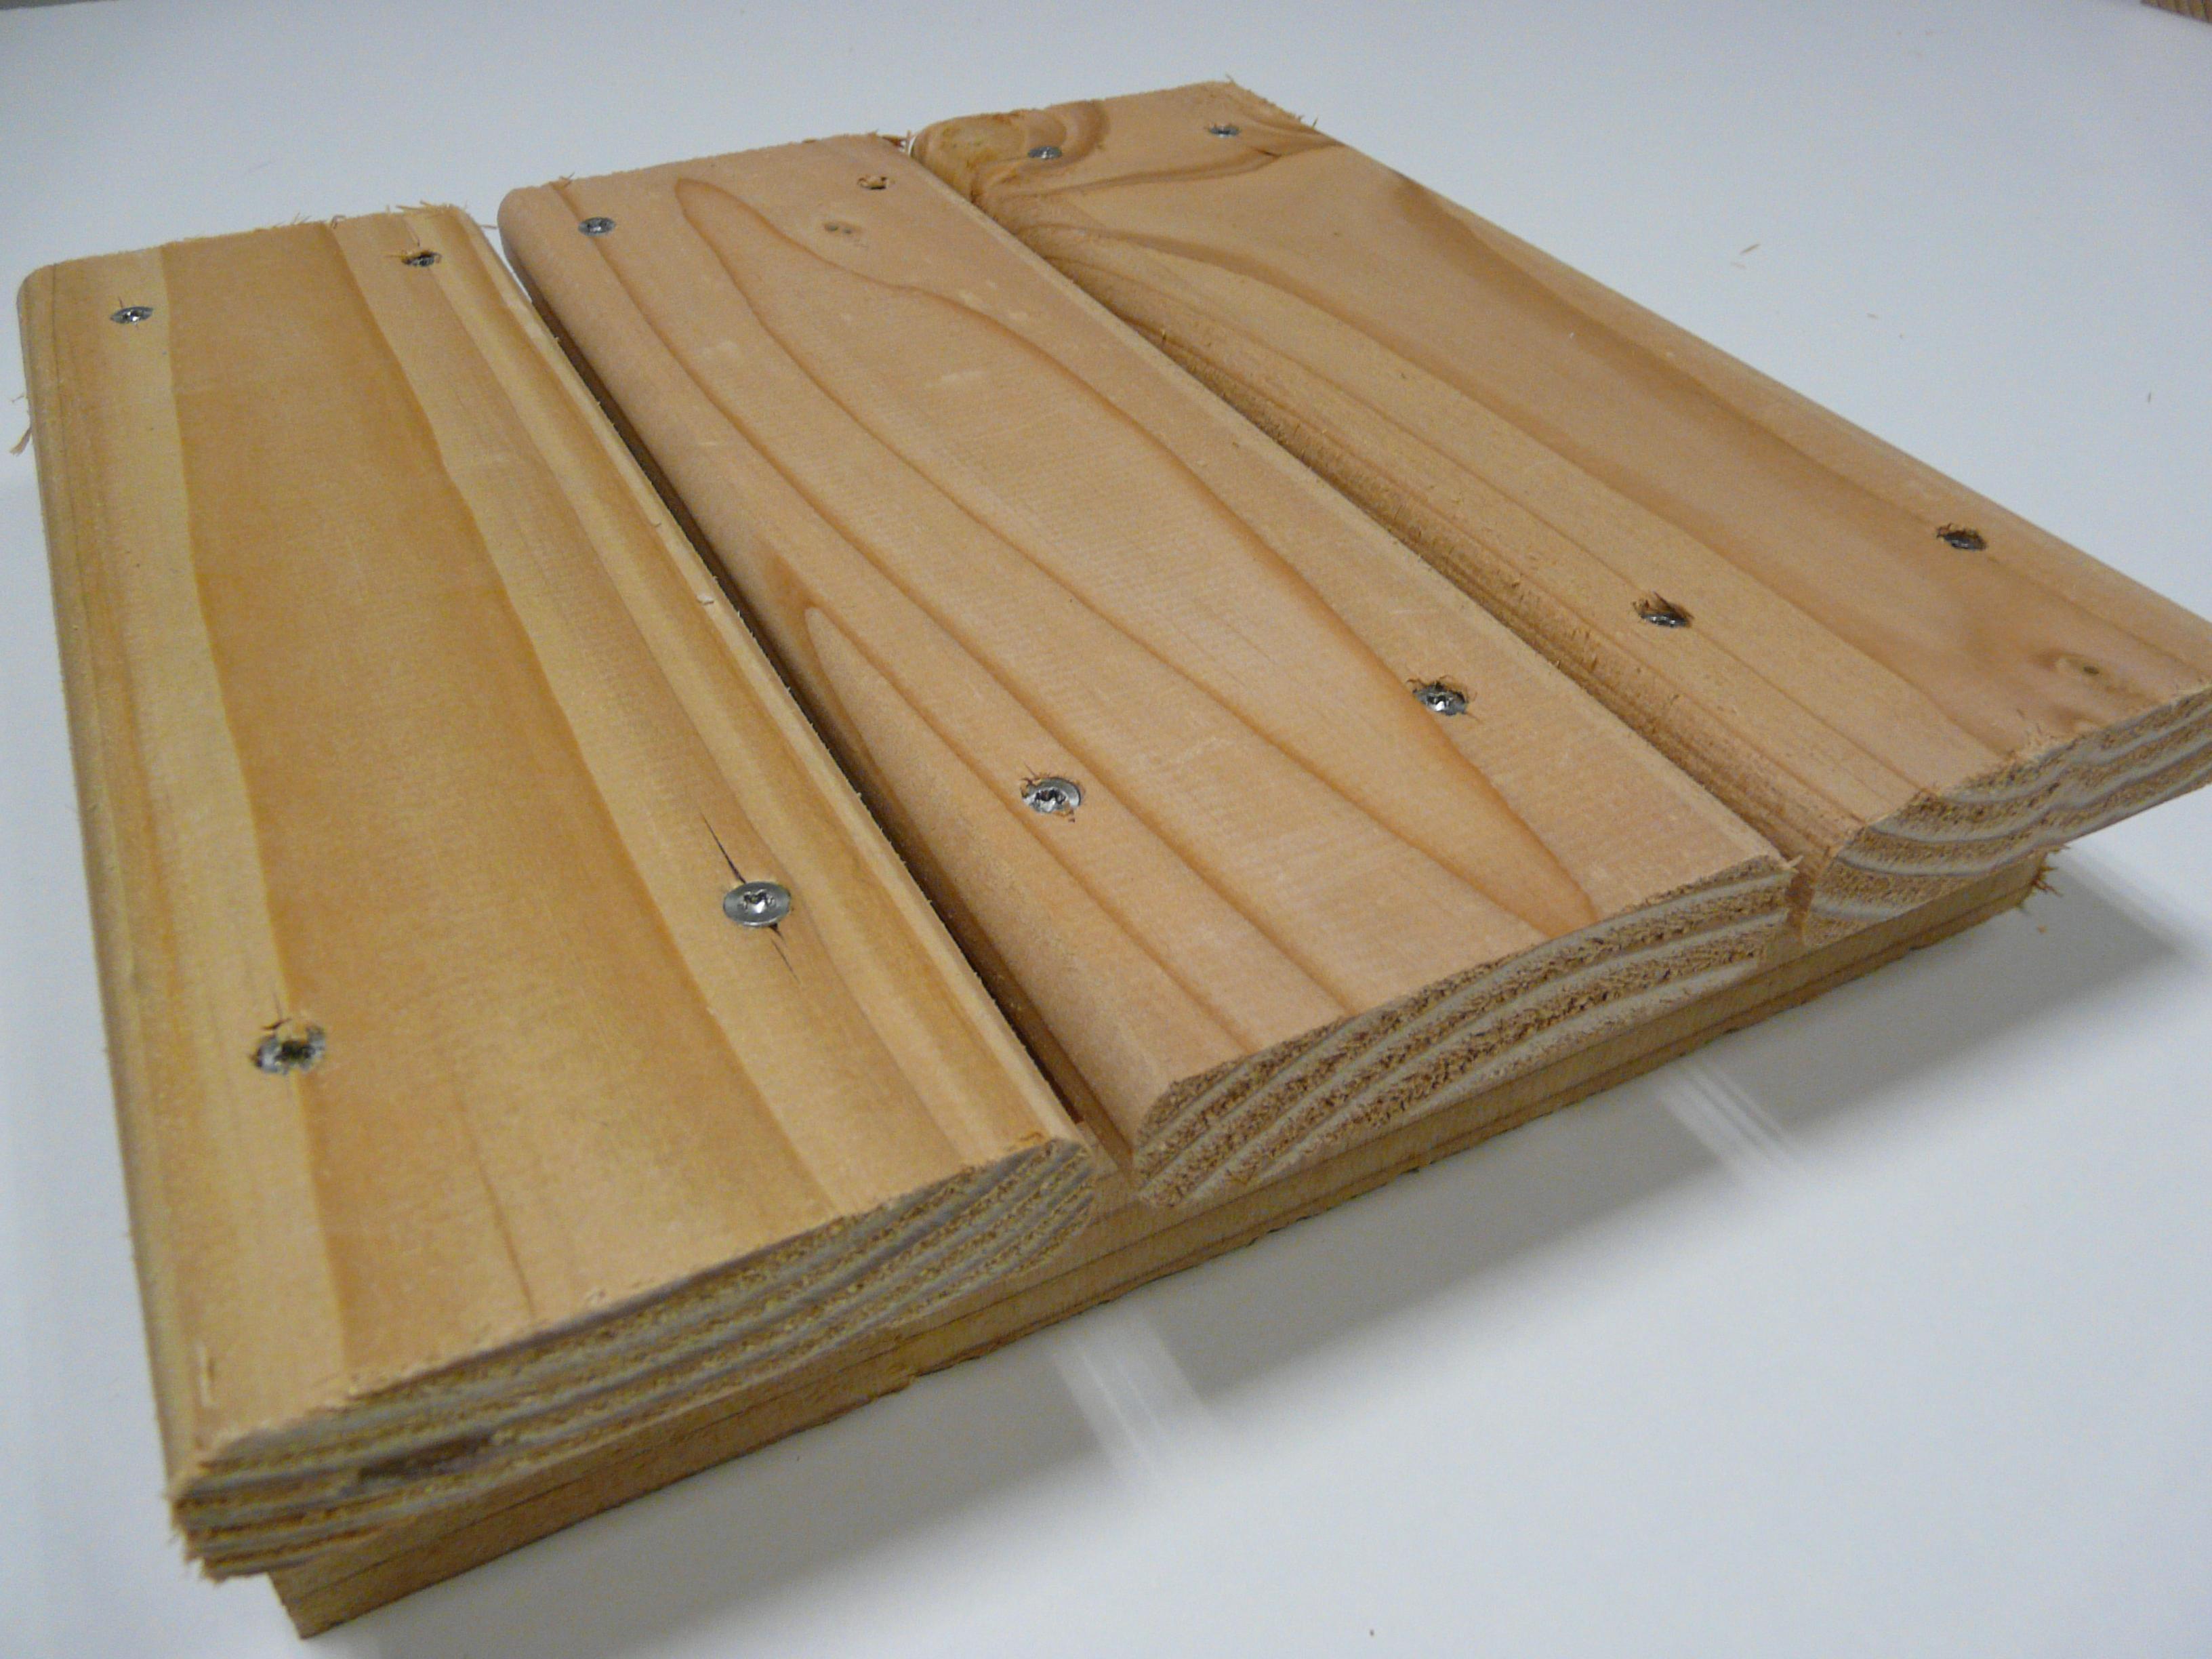 Lames De Bardage Bois Pas Cher lame de terrasse bois eco 21x95 douglas naturel 2nd choix 4m - bricobois.fr  : accessoires bois pas cher, vis inox, support poteau pied réglable,